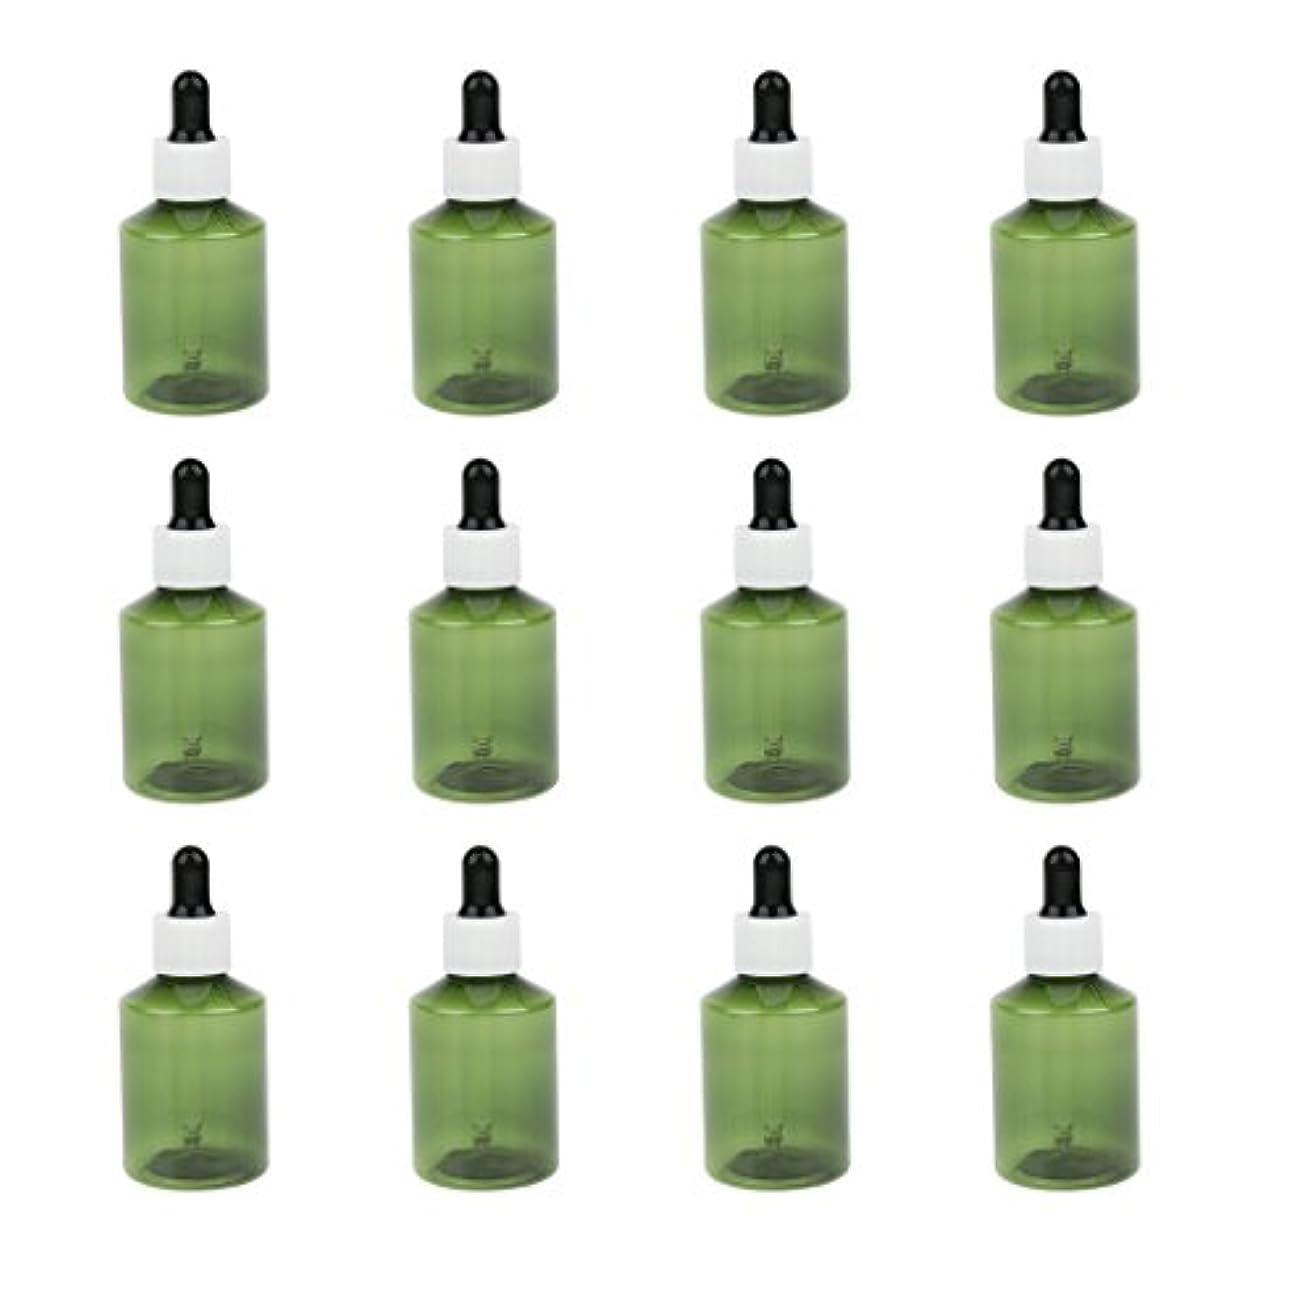 遠洋の広範囲ペーストドロッパーボトル 詰め替え式 点滴びん 50ml エッセンシャルオイル 精油 6仕様選べ - ホワイトキャップブラックドロッパー